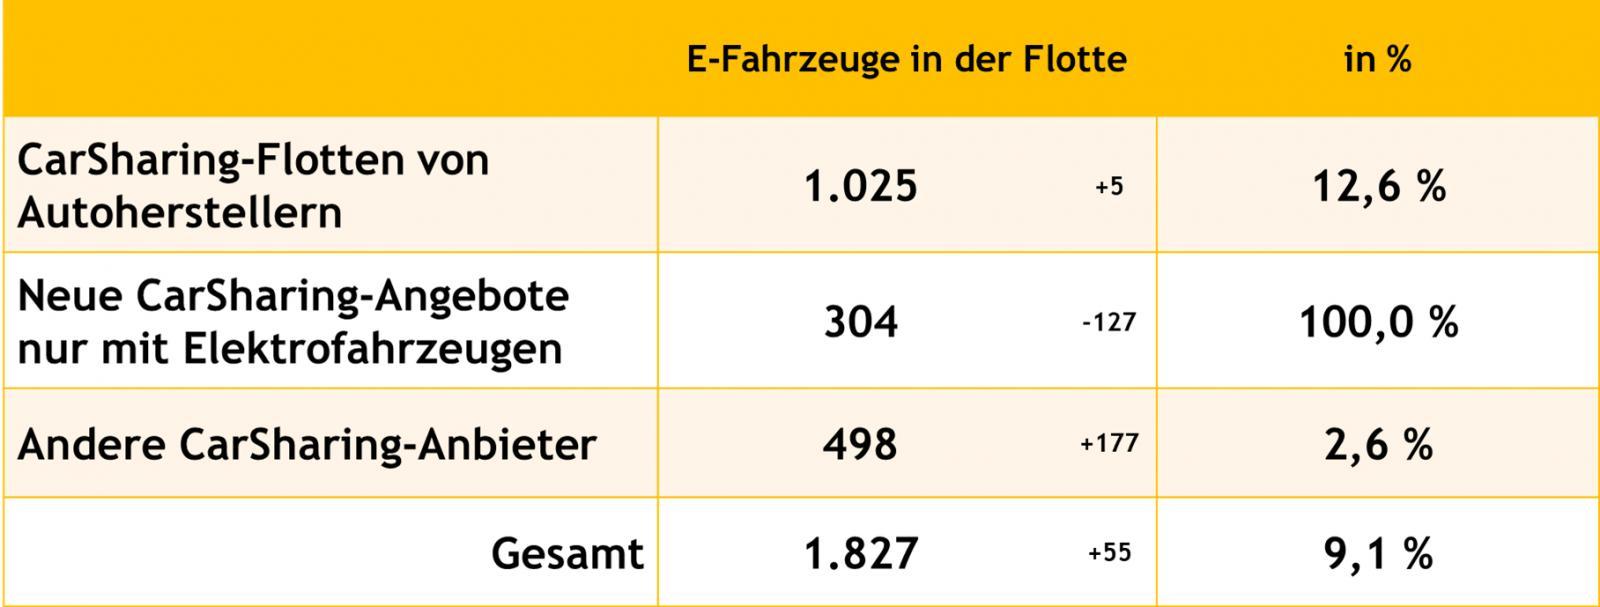 E-Fahrzeuge in CarSharing-Flotten (einschließlich Plug-in Hybride; Stand: Januar 2019)